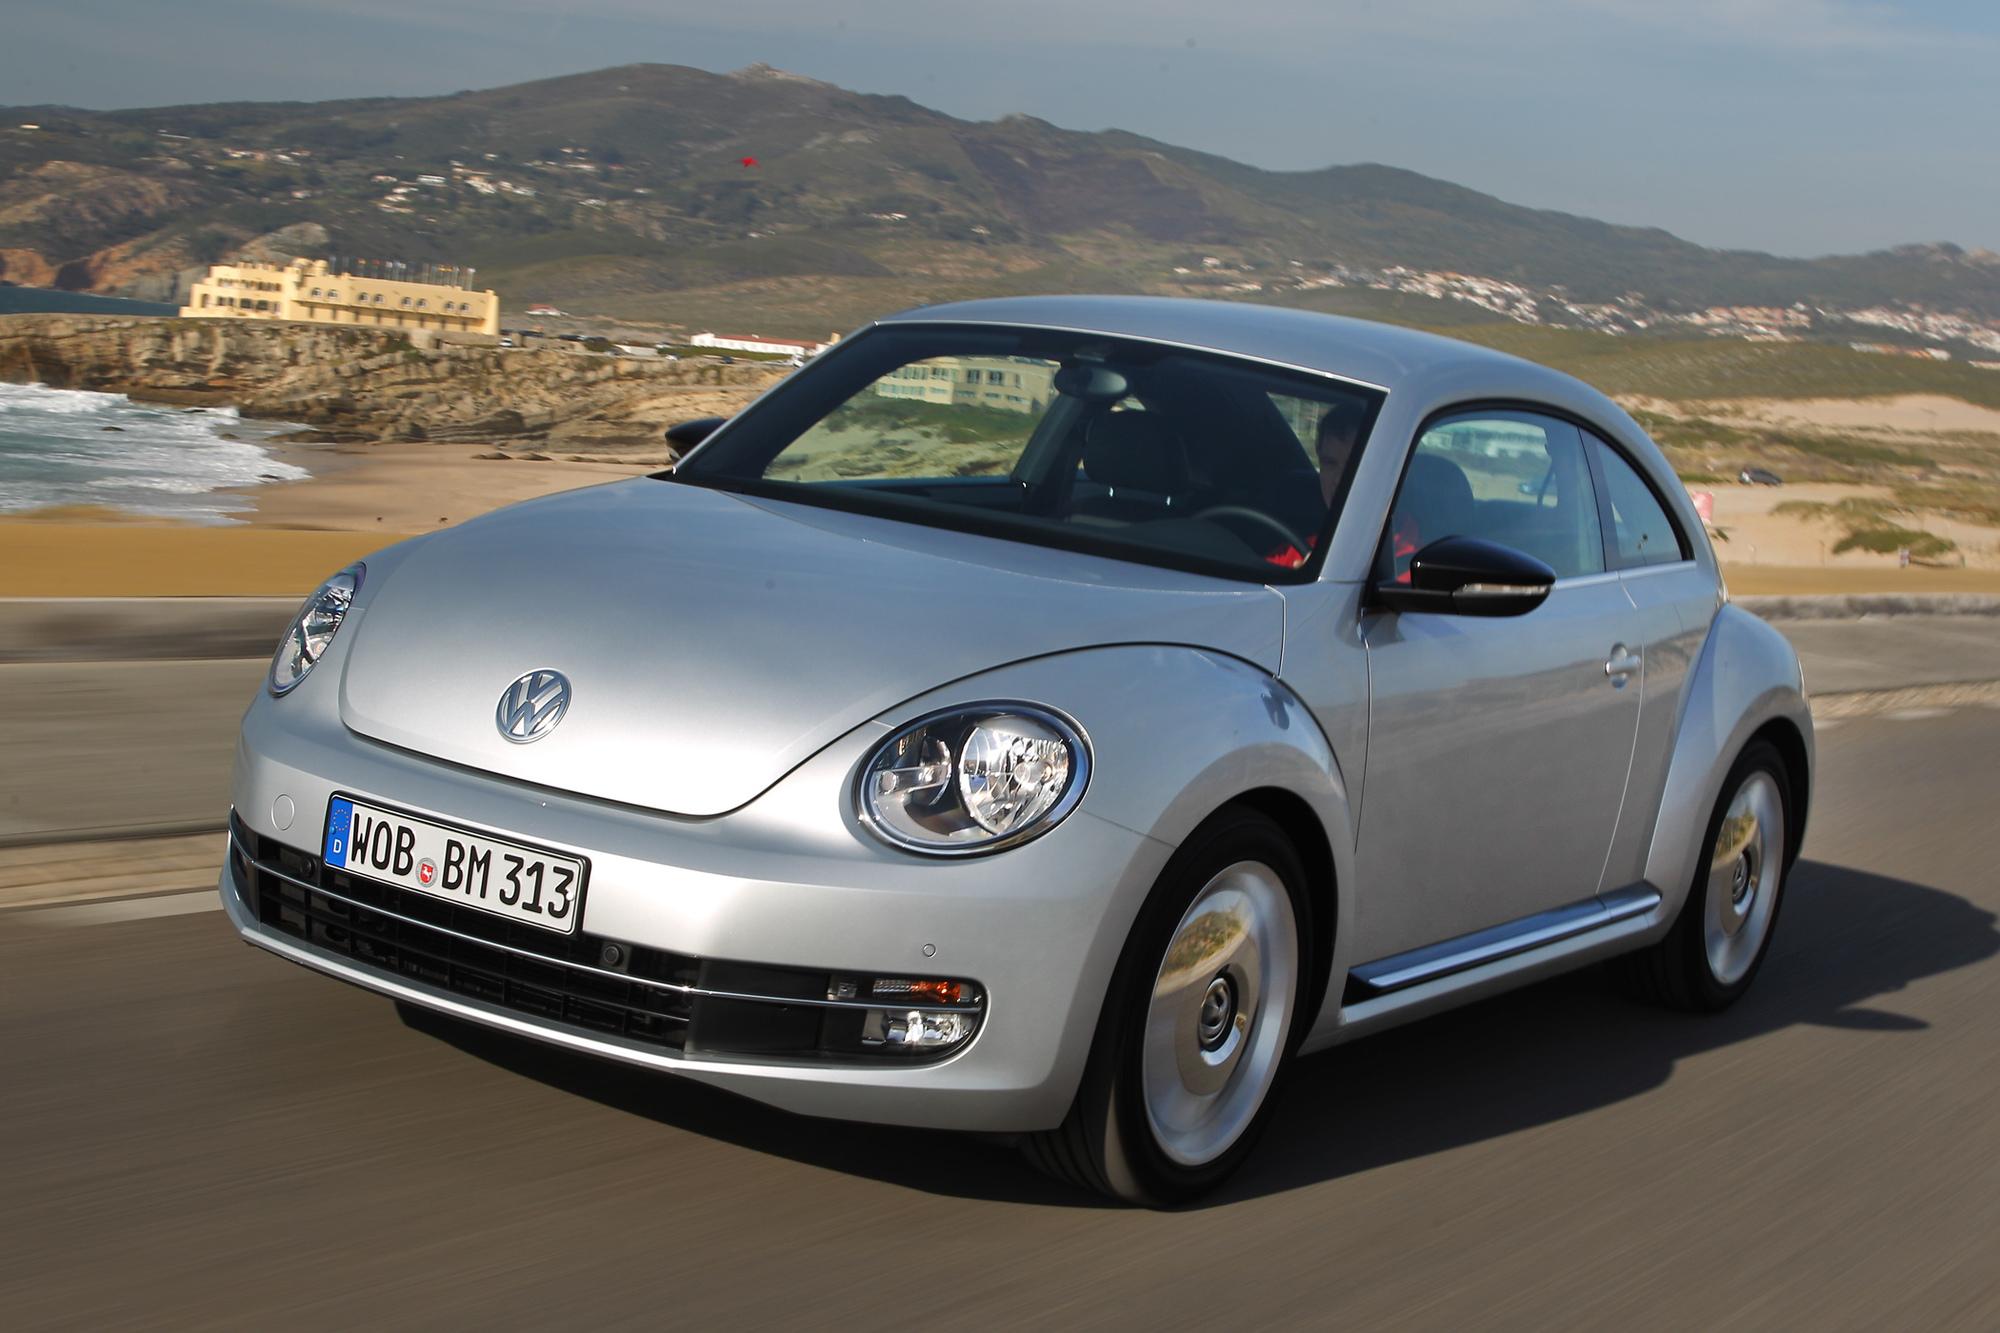 fahrbericht vw beetle 1 6 tdi kleiner diesel mit gro em. Black Bedroom Furniture Sets. Home Design Ideas